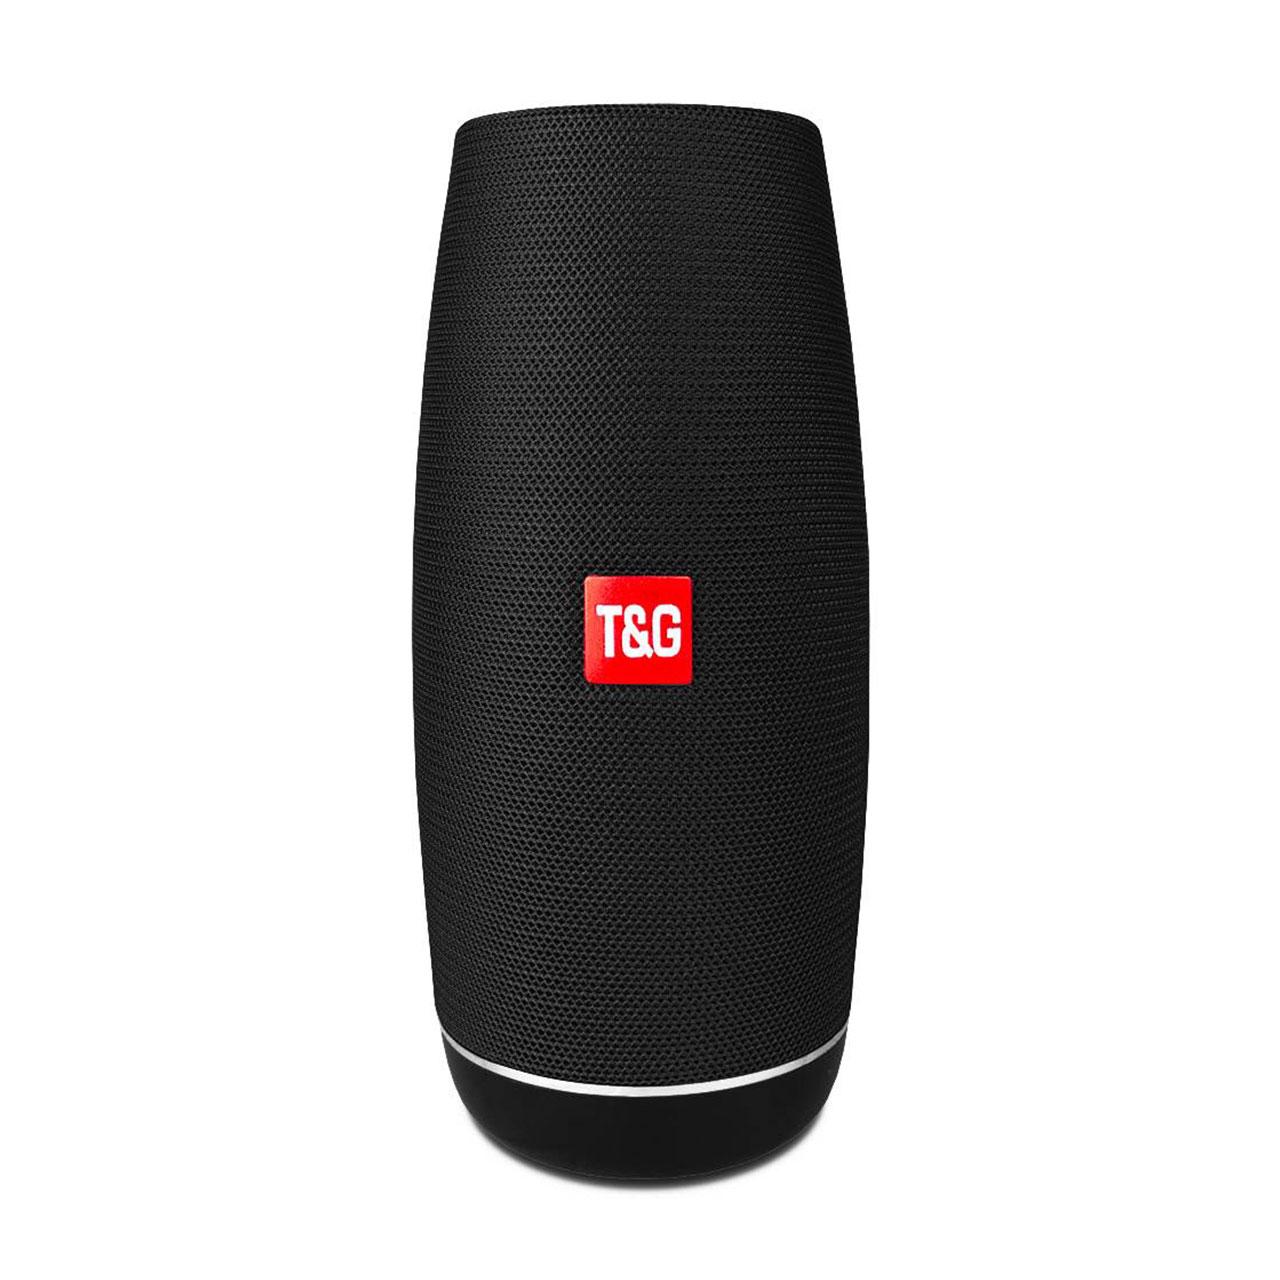 بررسی و {خرید با تخفیف}                                     اسپیکر بلوتوثی قابل حمل تی اند جی مدل TG-108                             اصل